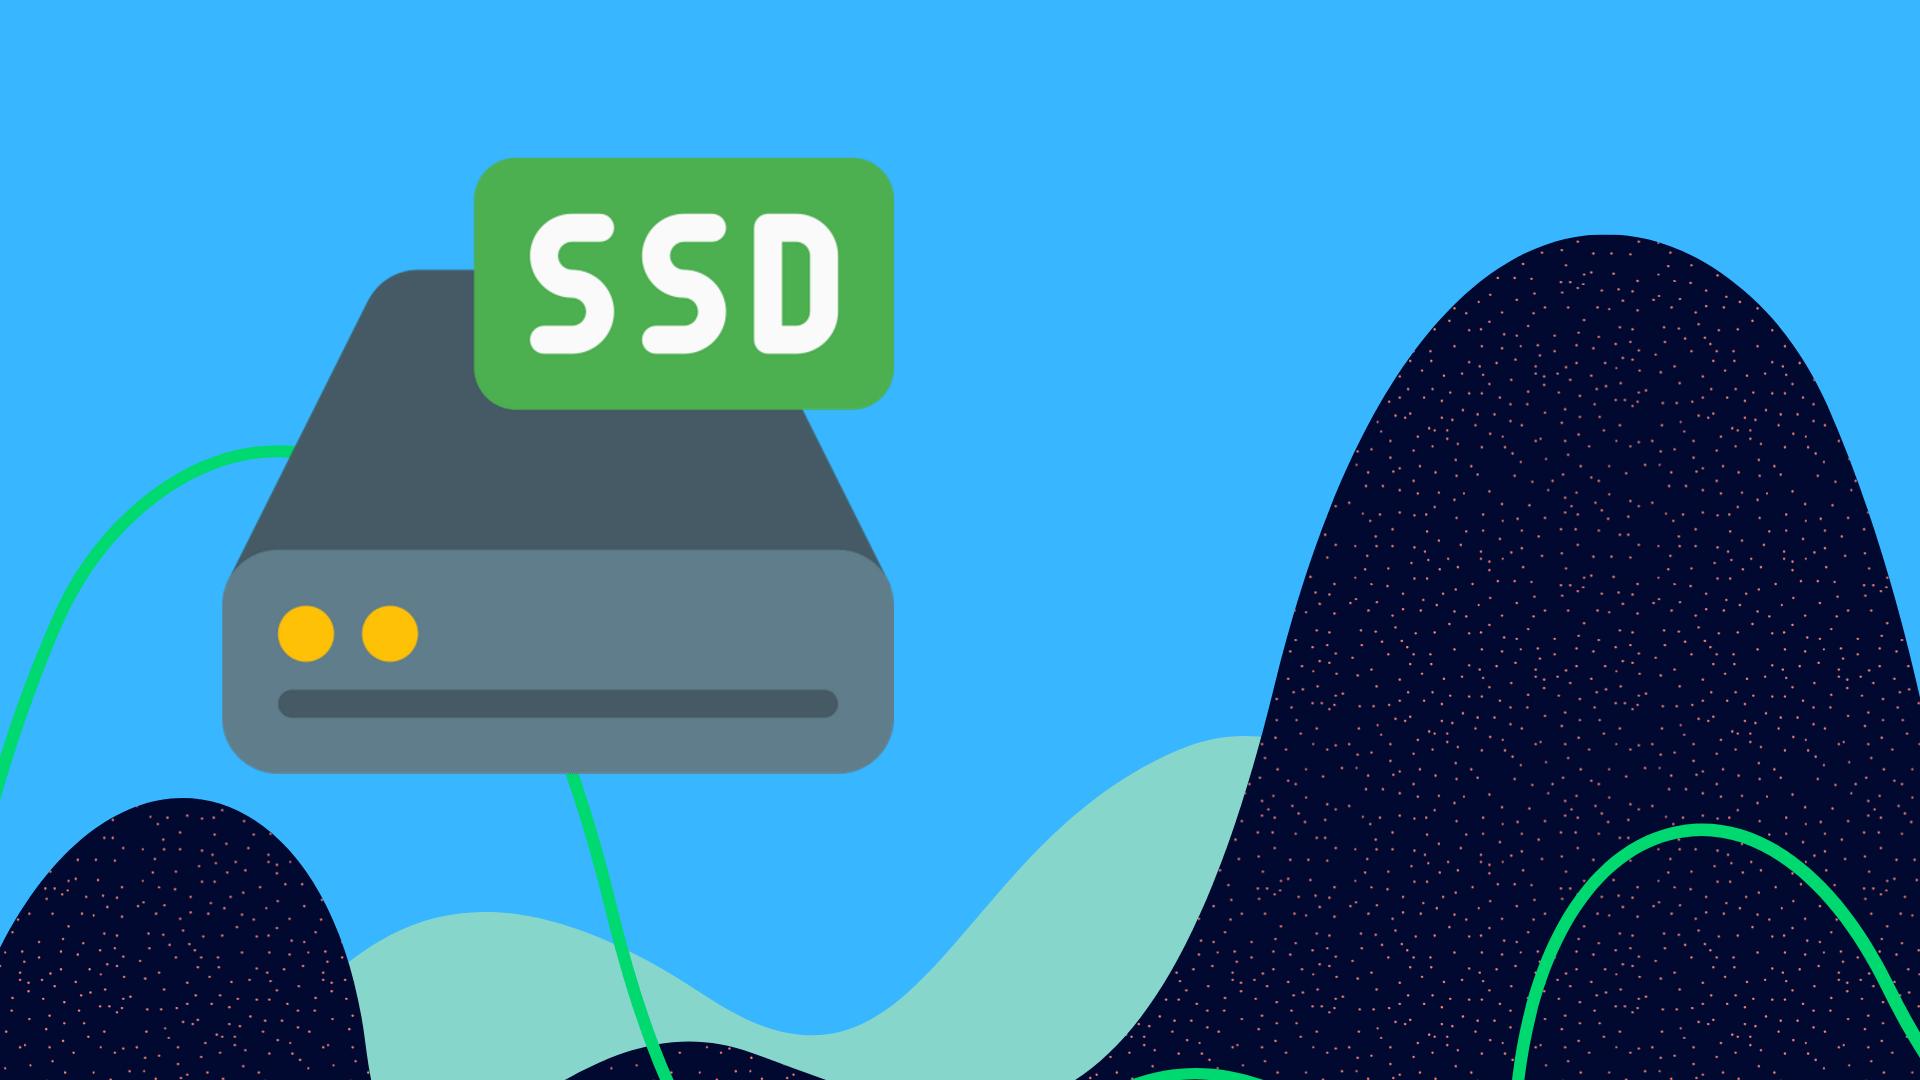 бесплатный хостинг серверов самп mysql